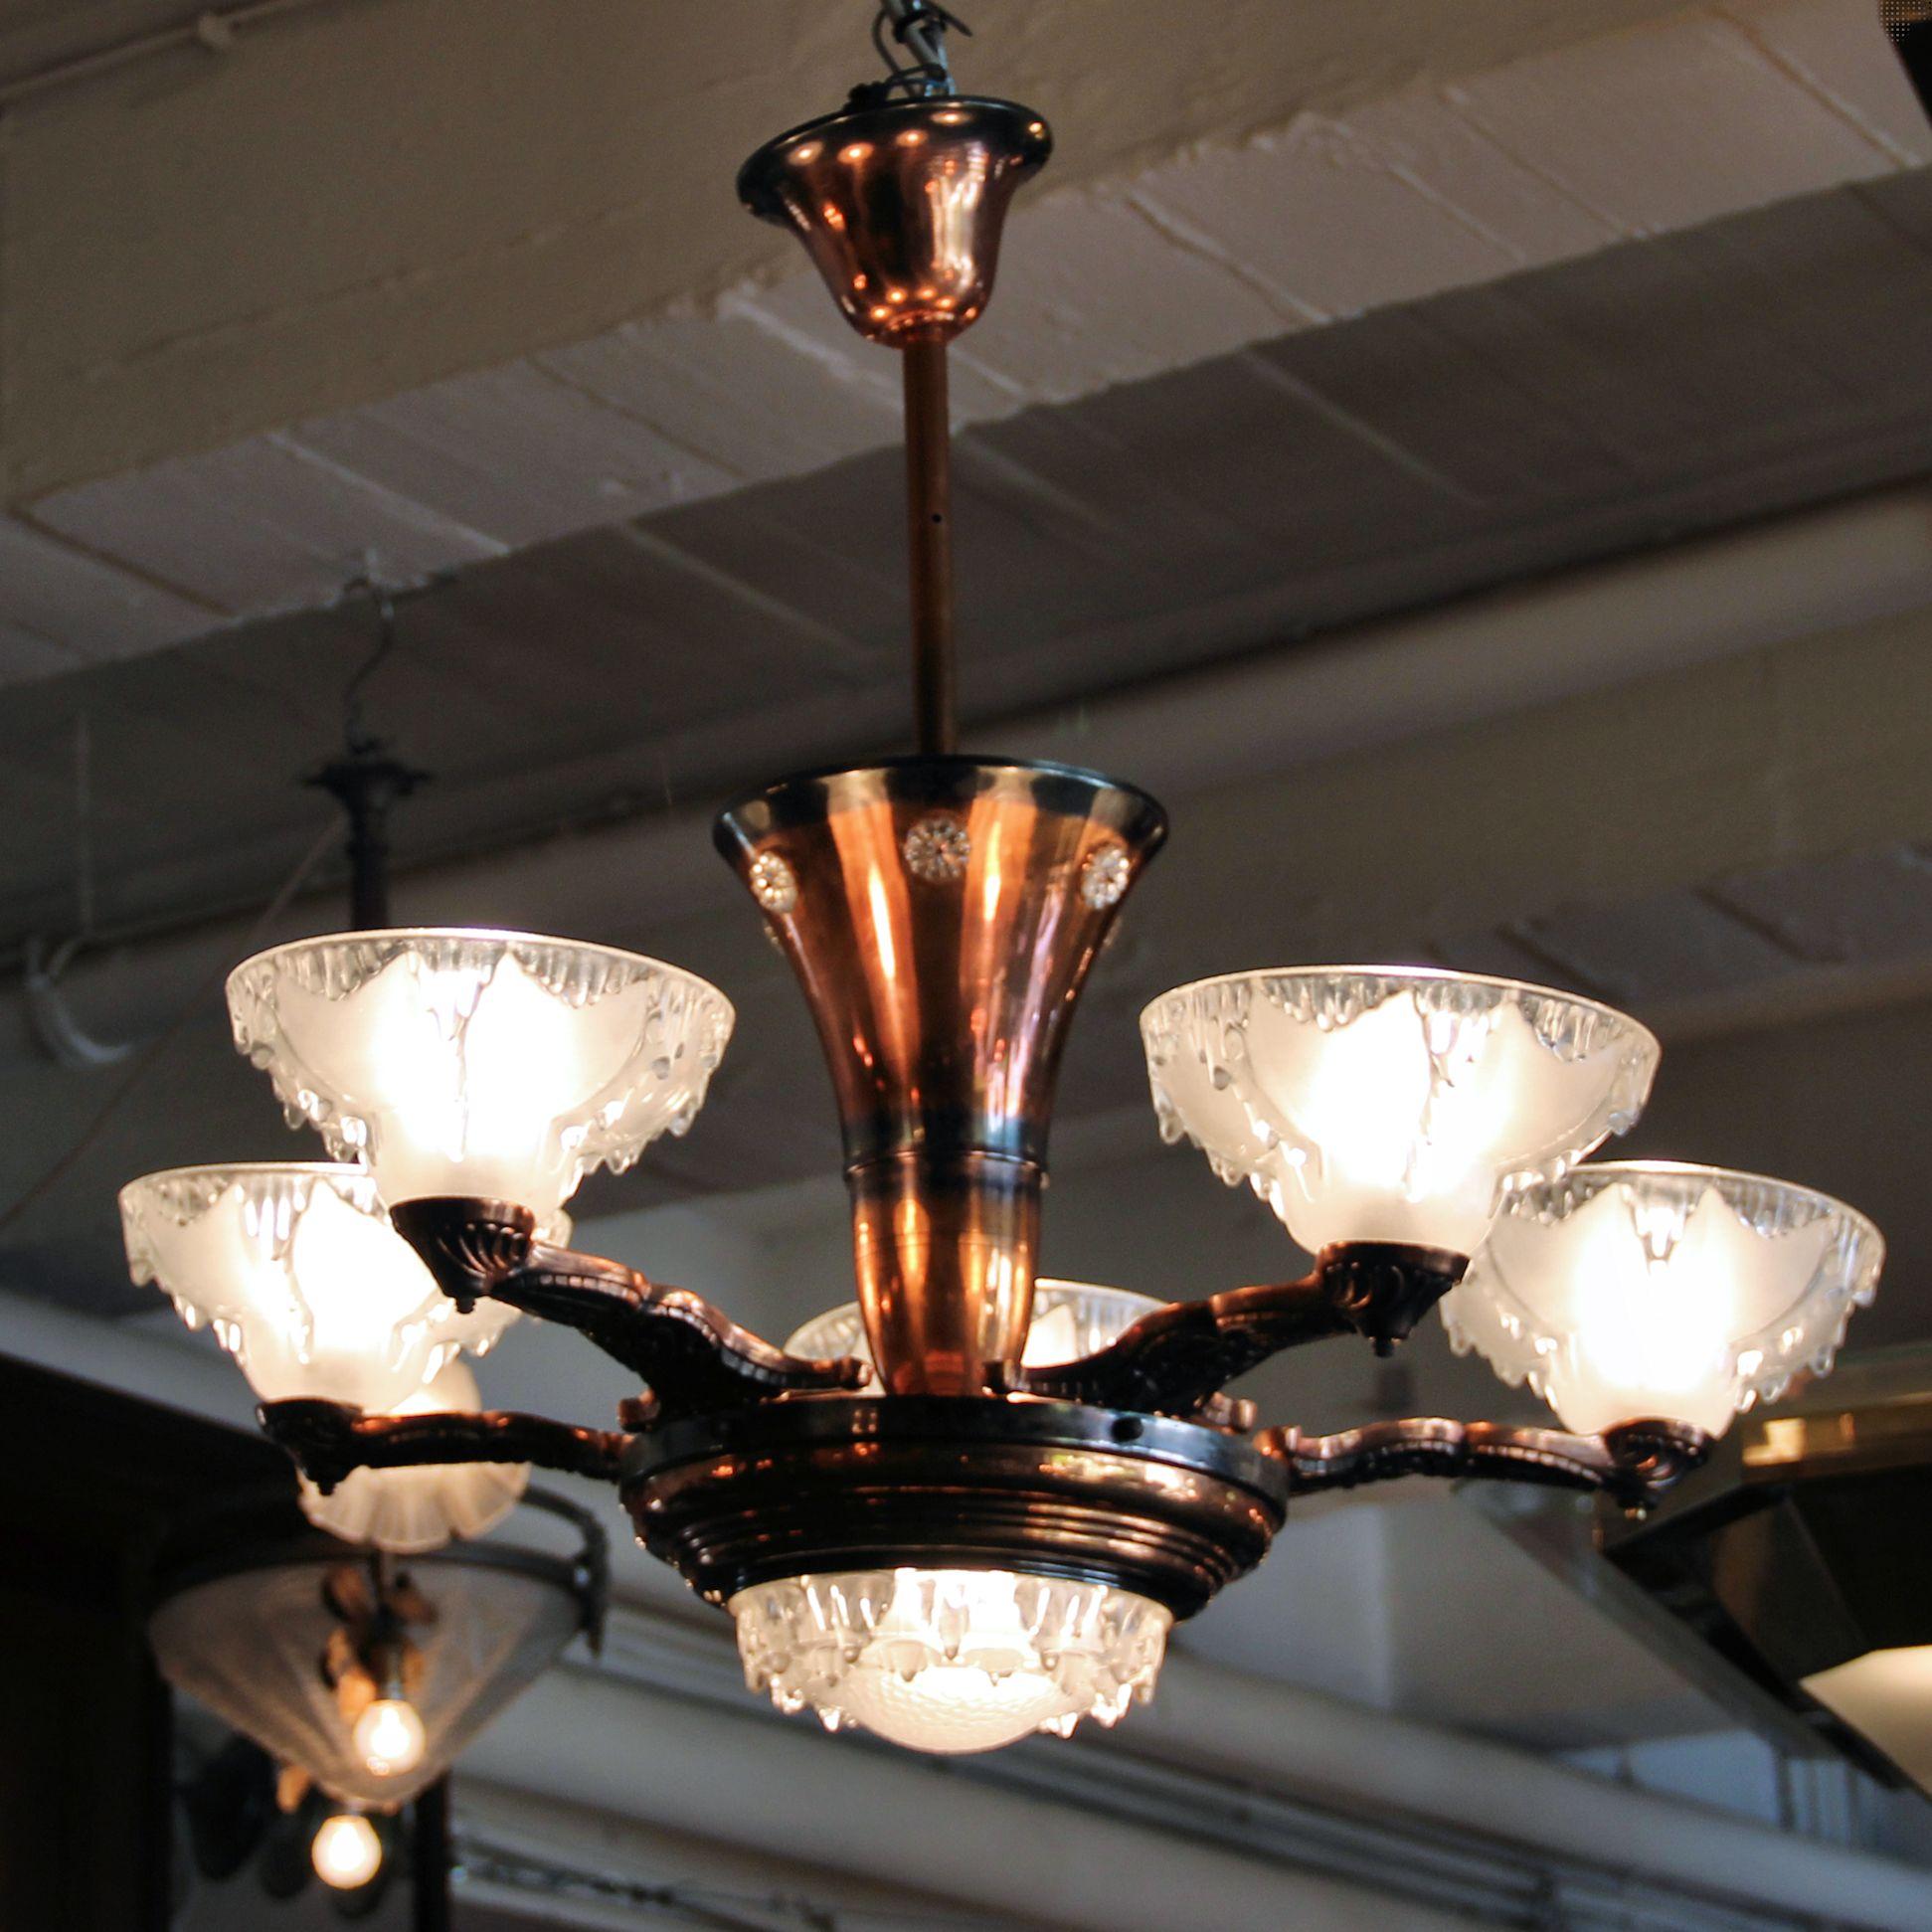 deckenlampe kupfer free paras led kupfer modern leuchte lampe with deckenlampe kupfer trendy. Black Bedroom Furniture Sets. Home Design Ideas